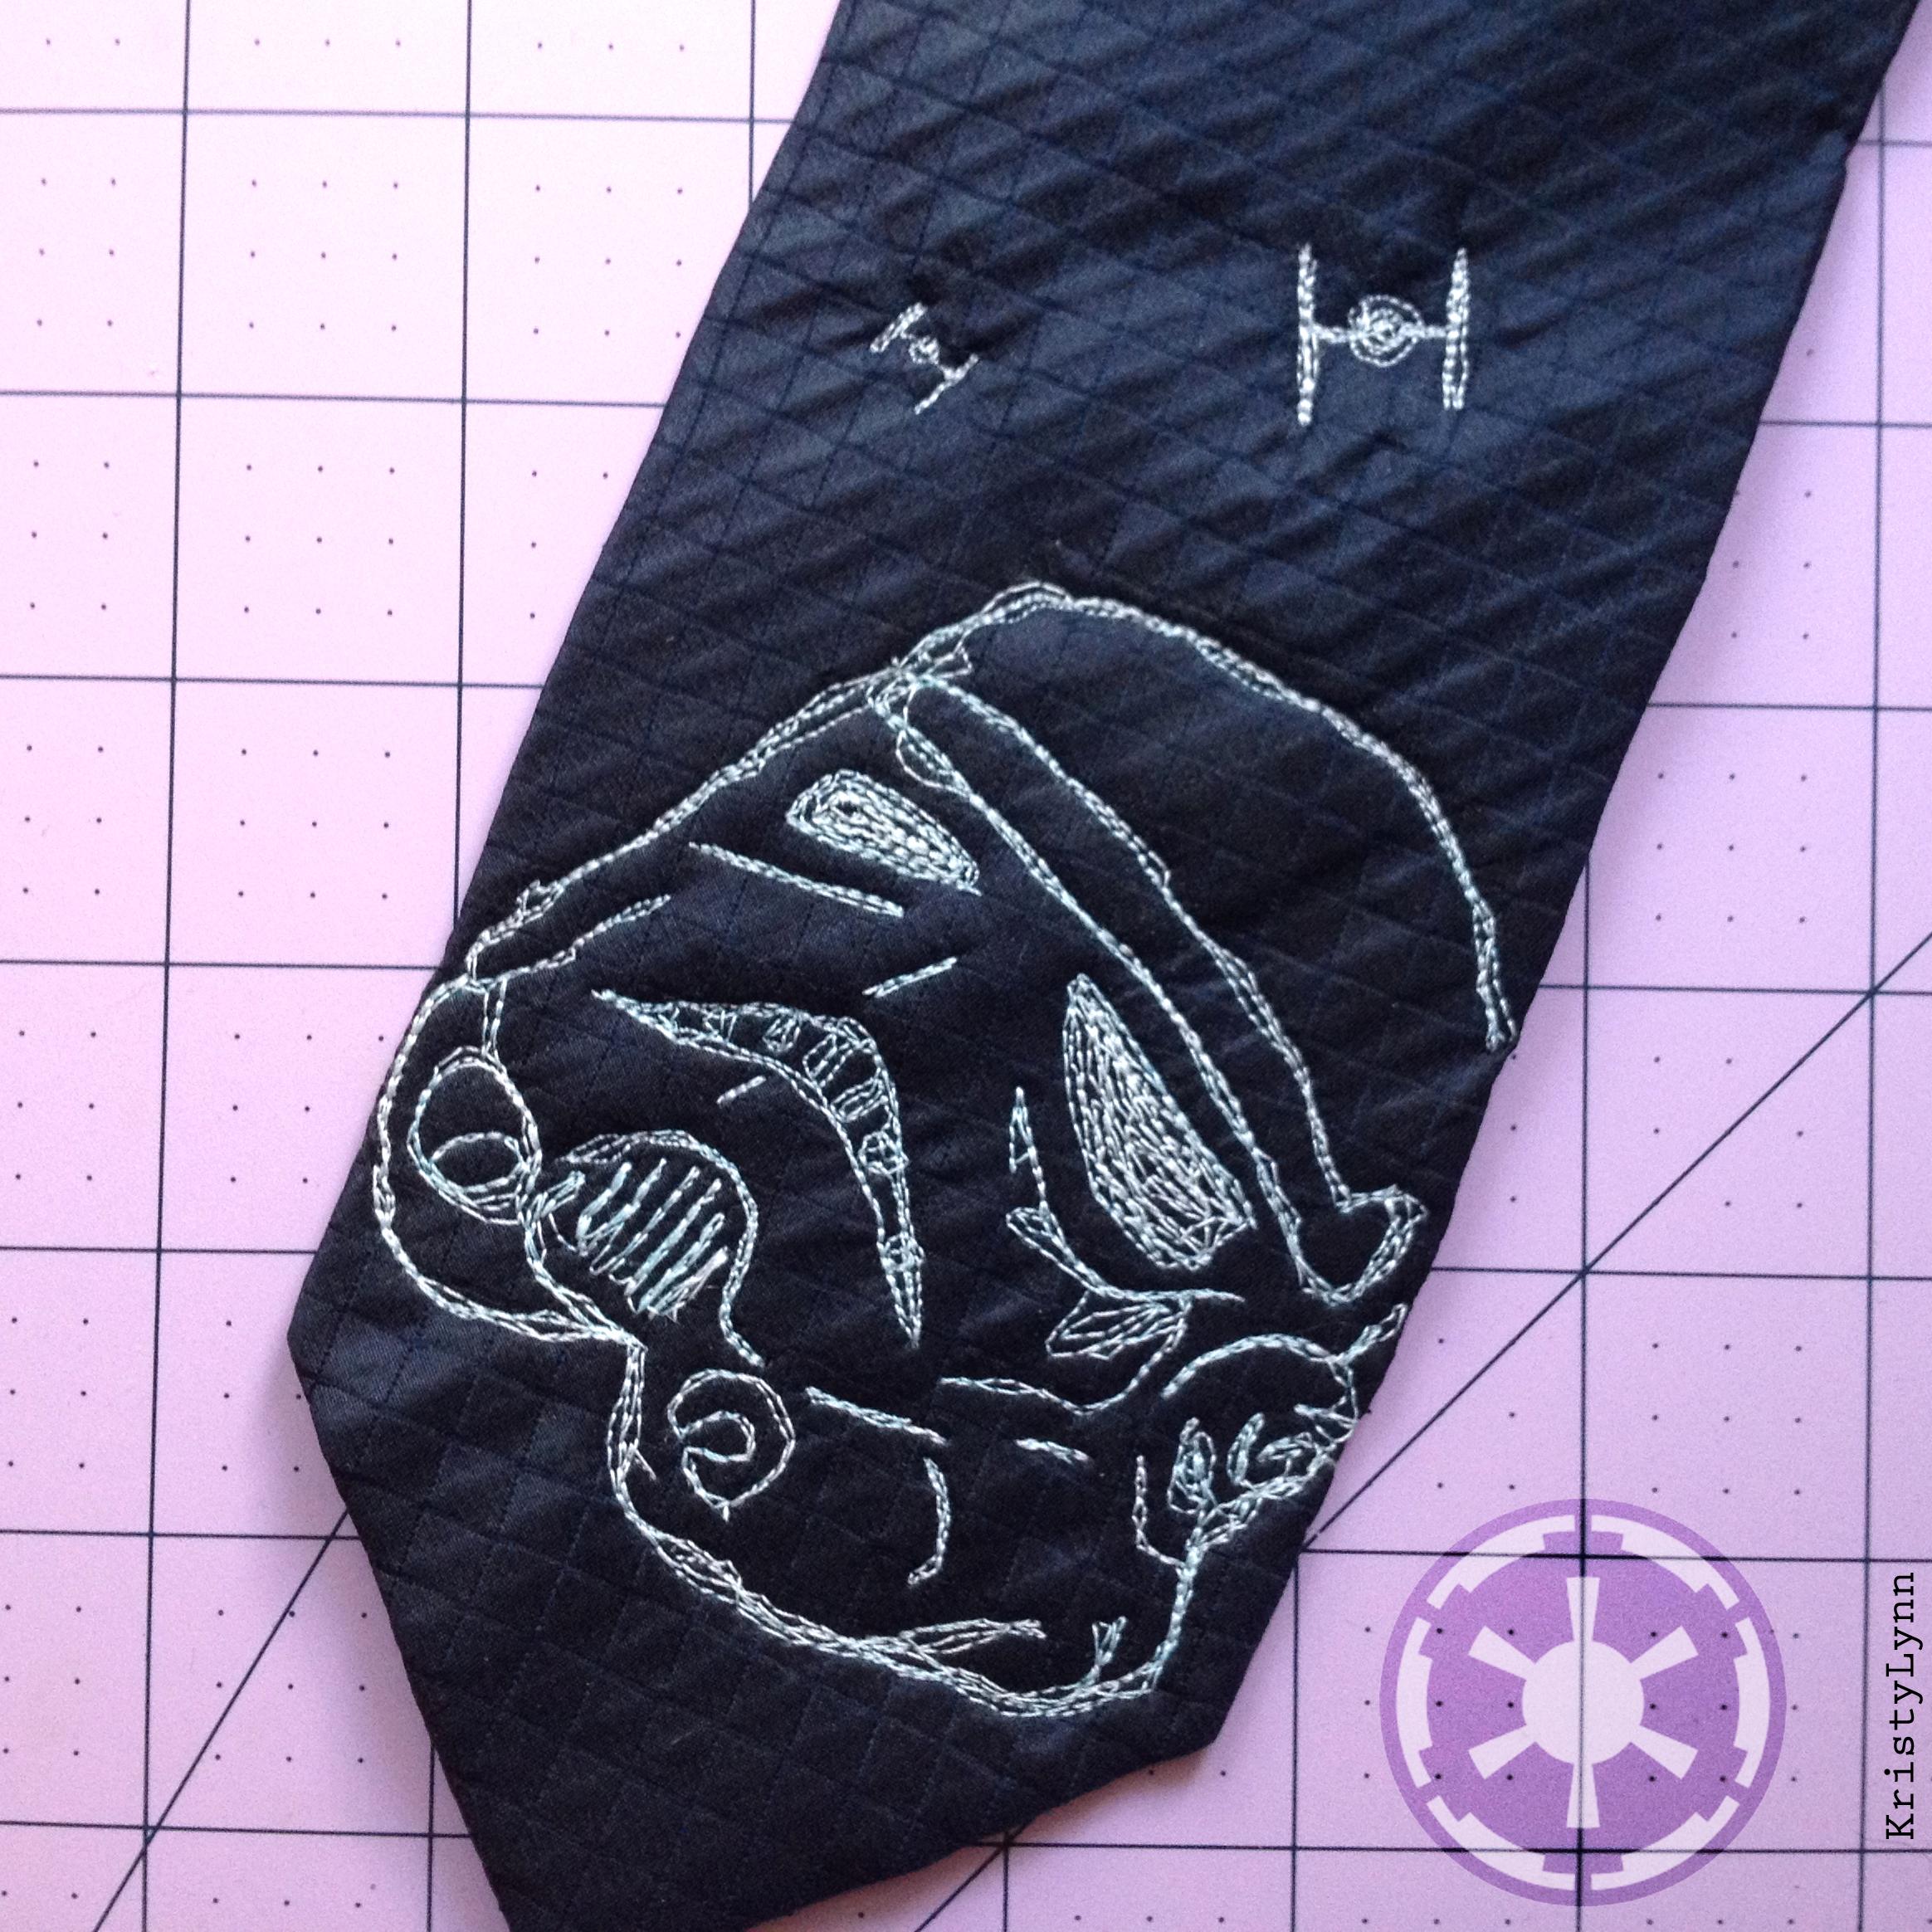 Stormtrooper Tie